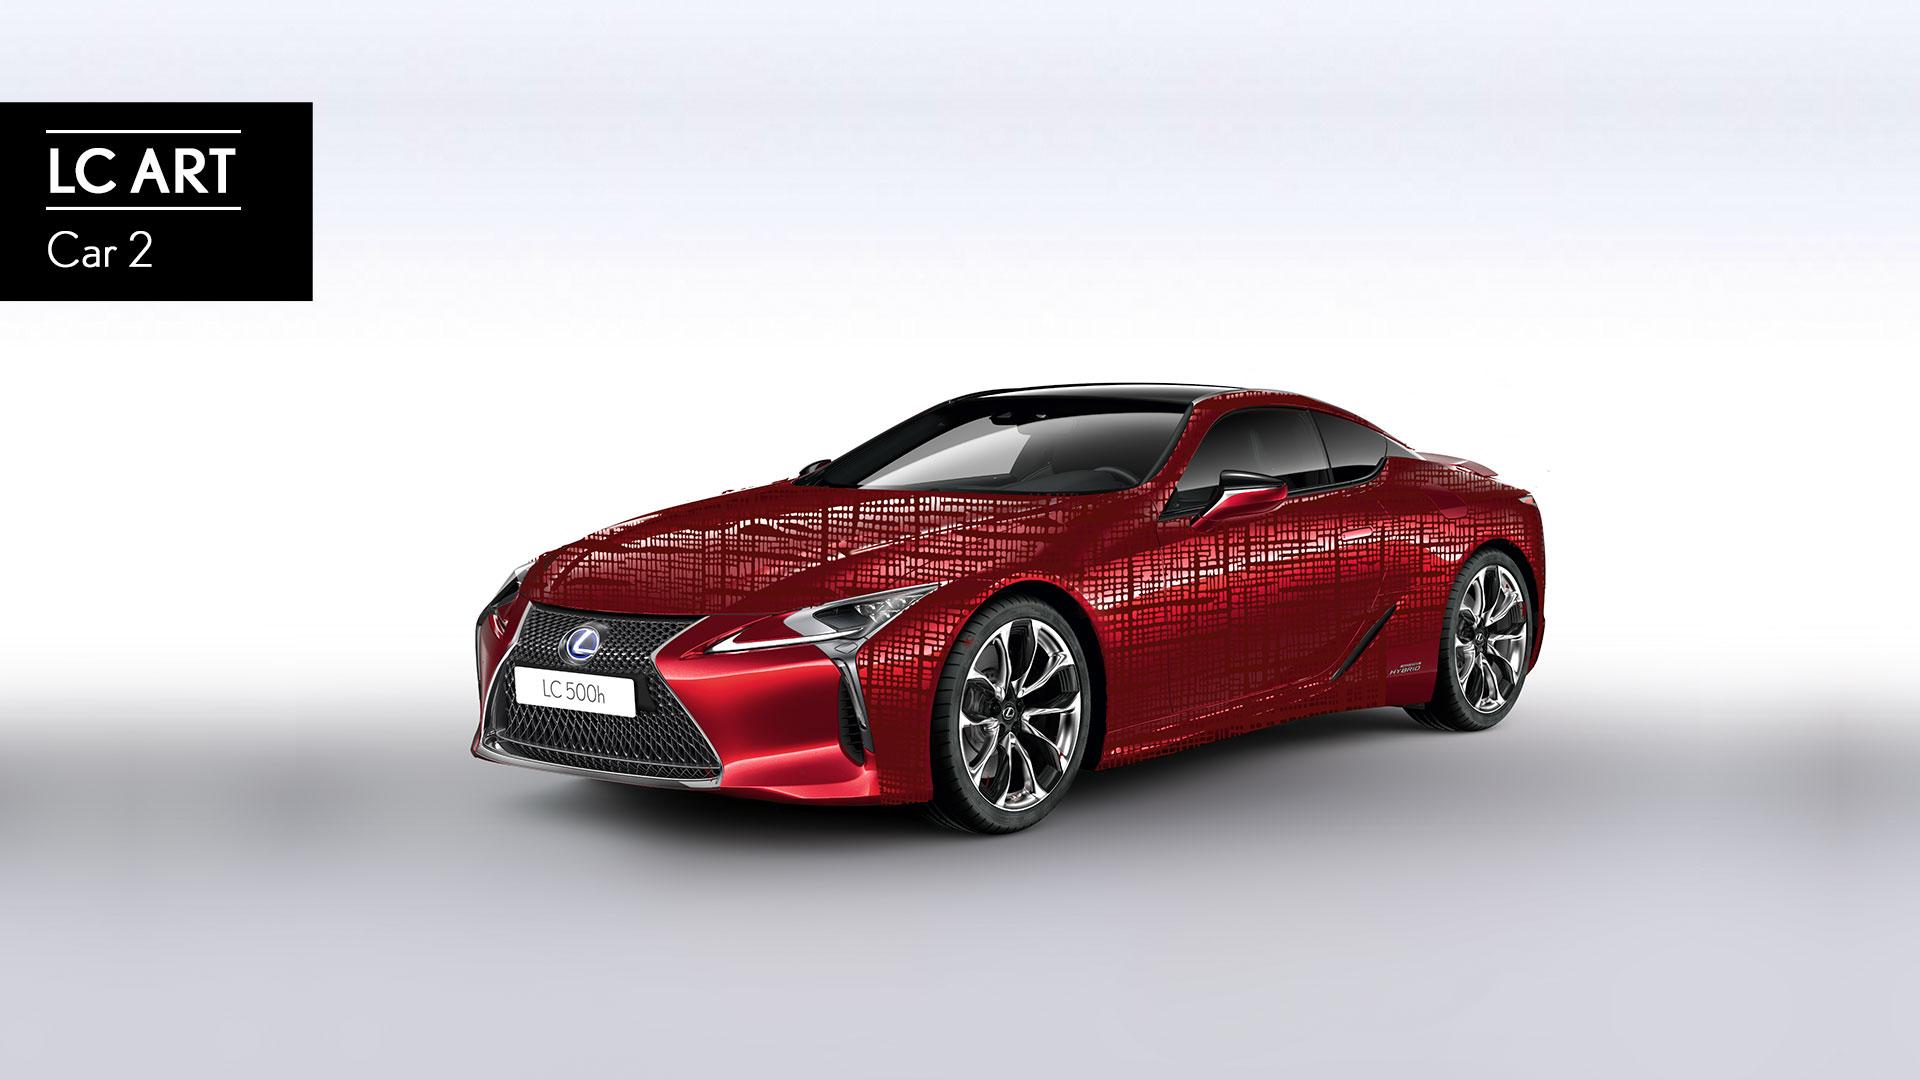 Imagen del LC en color rojo con un diseño impreso